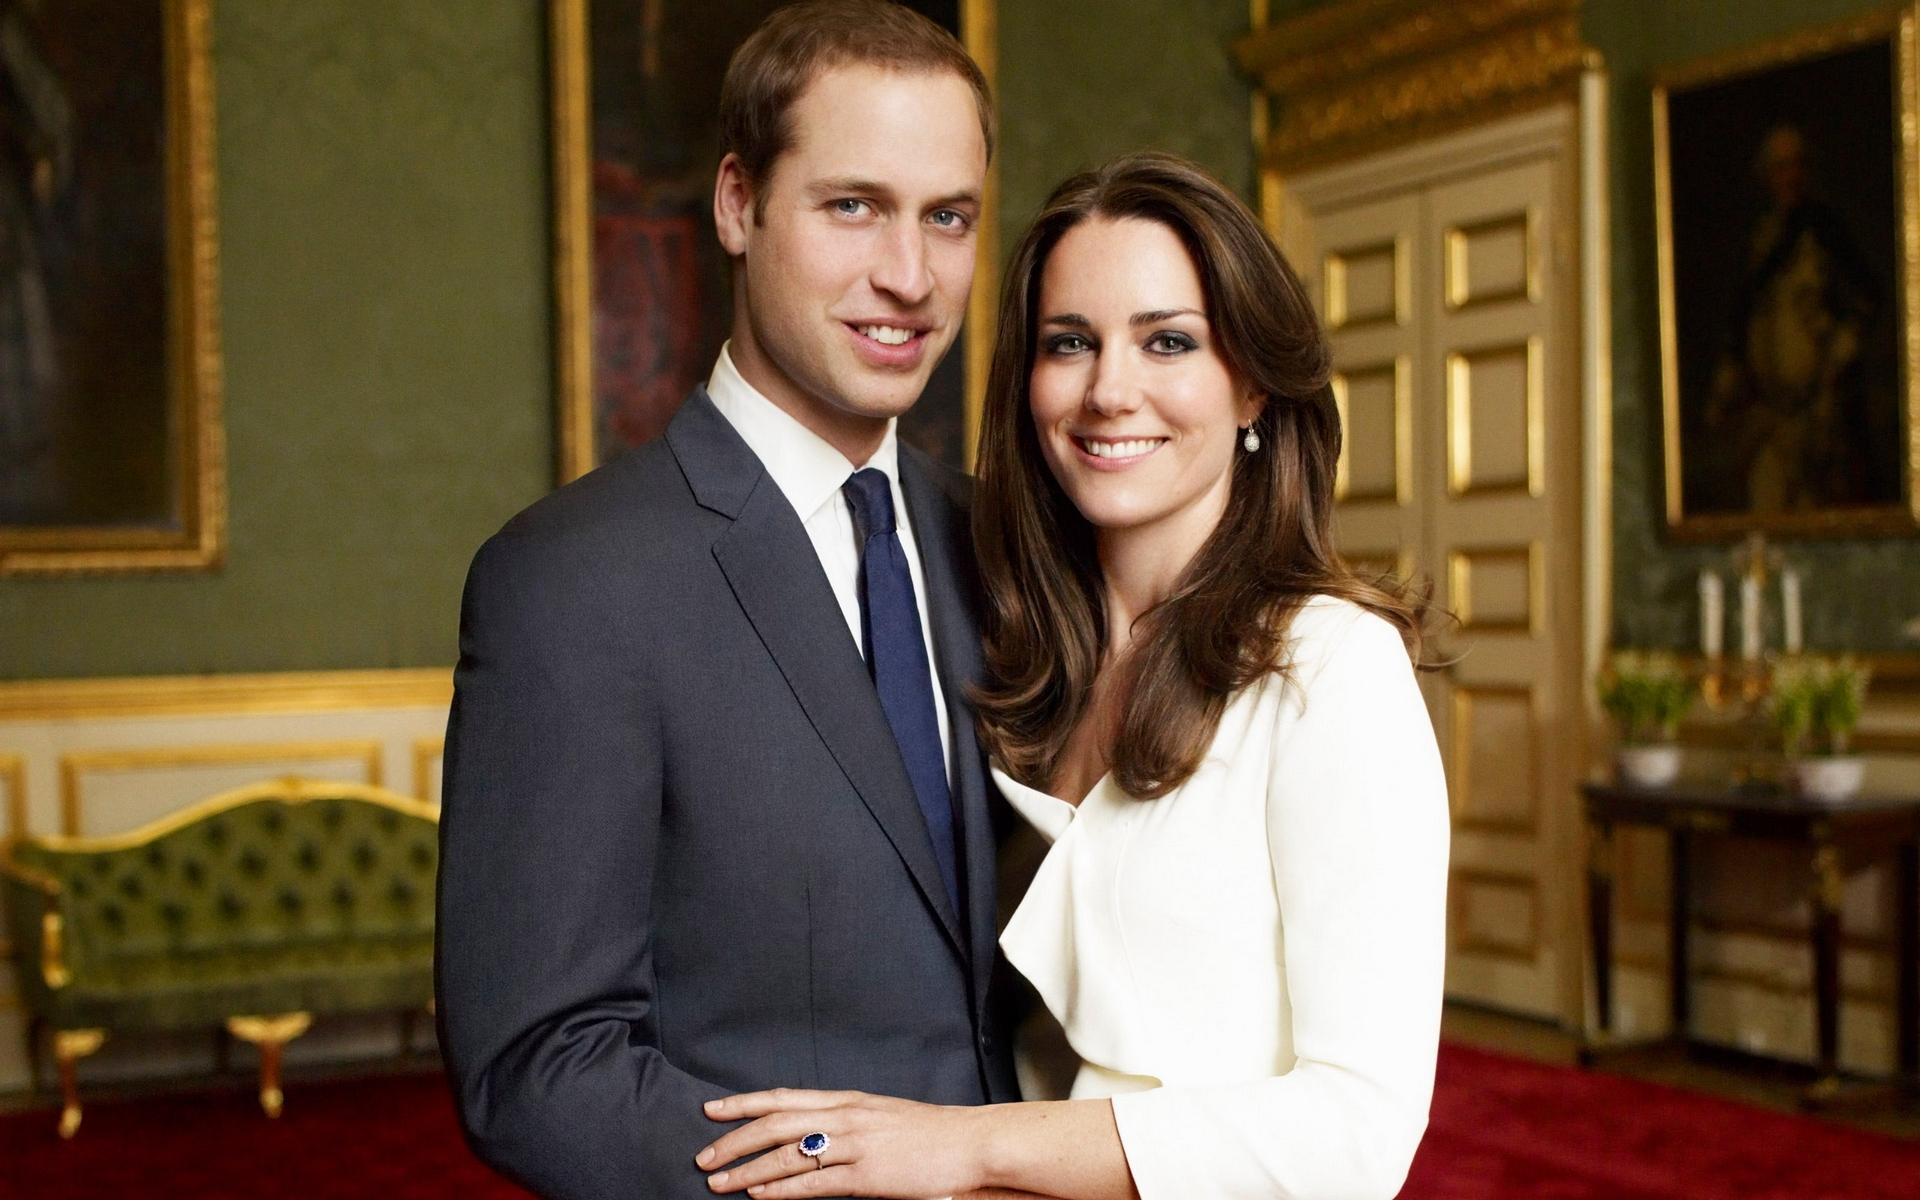 Кейт Миддлтон и принц Уильям снова вышли на видеосвязь: любопытная деталь в образе герцогини